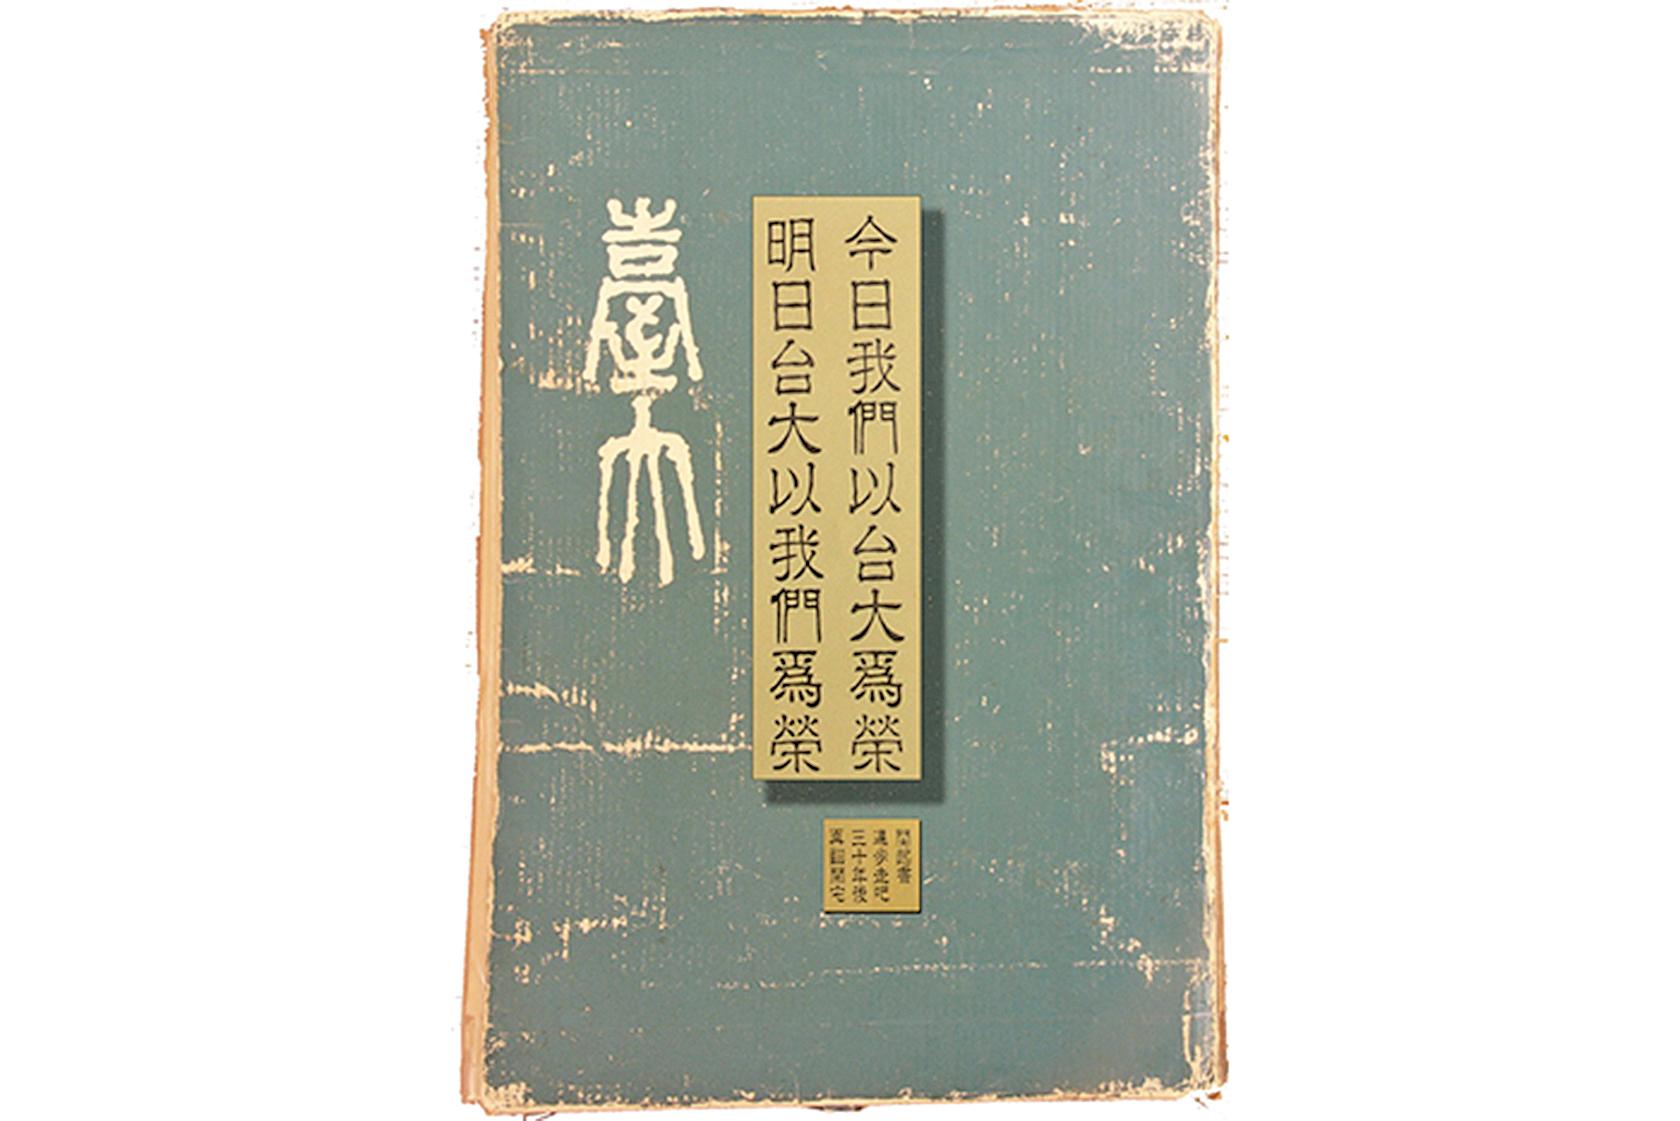 這麼多年,蔚藍色的封套,已經像陳舊的圍牆一般。